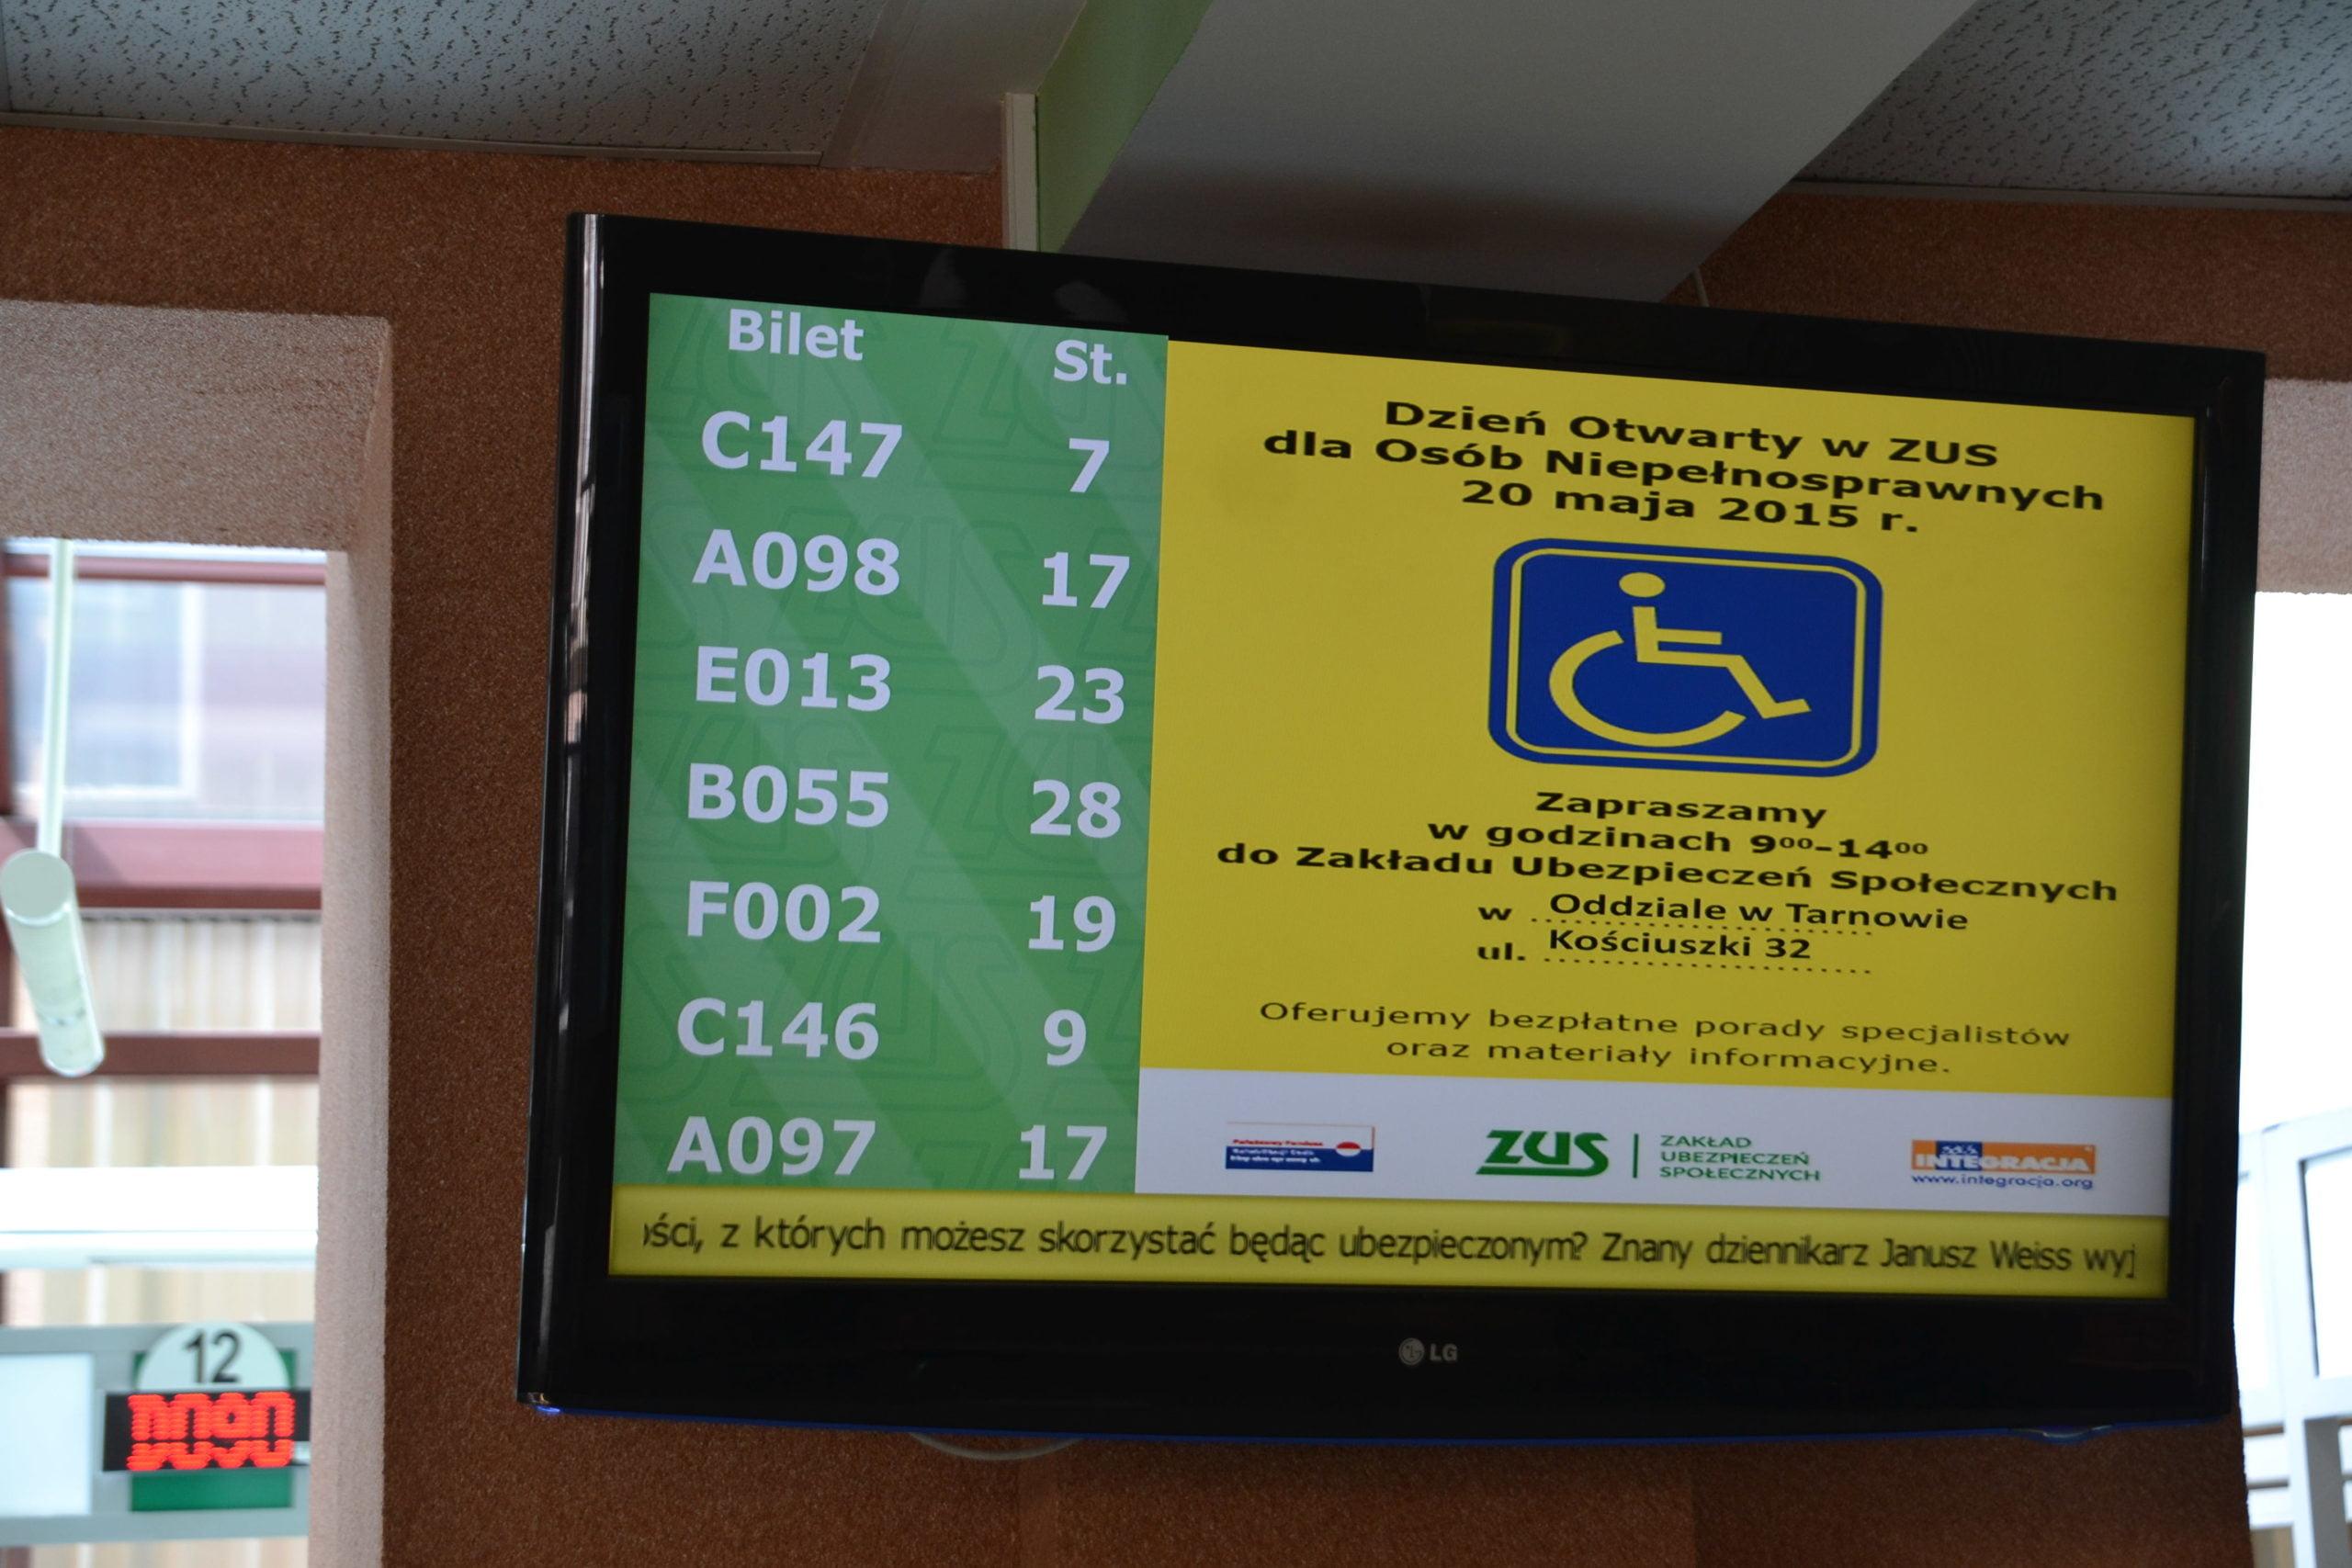 Dzień Otwarty w ZUS dla Osób Niepełnosprawnych